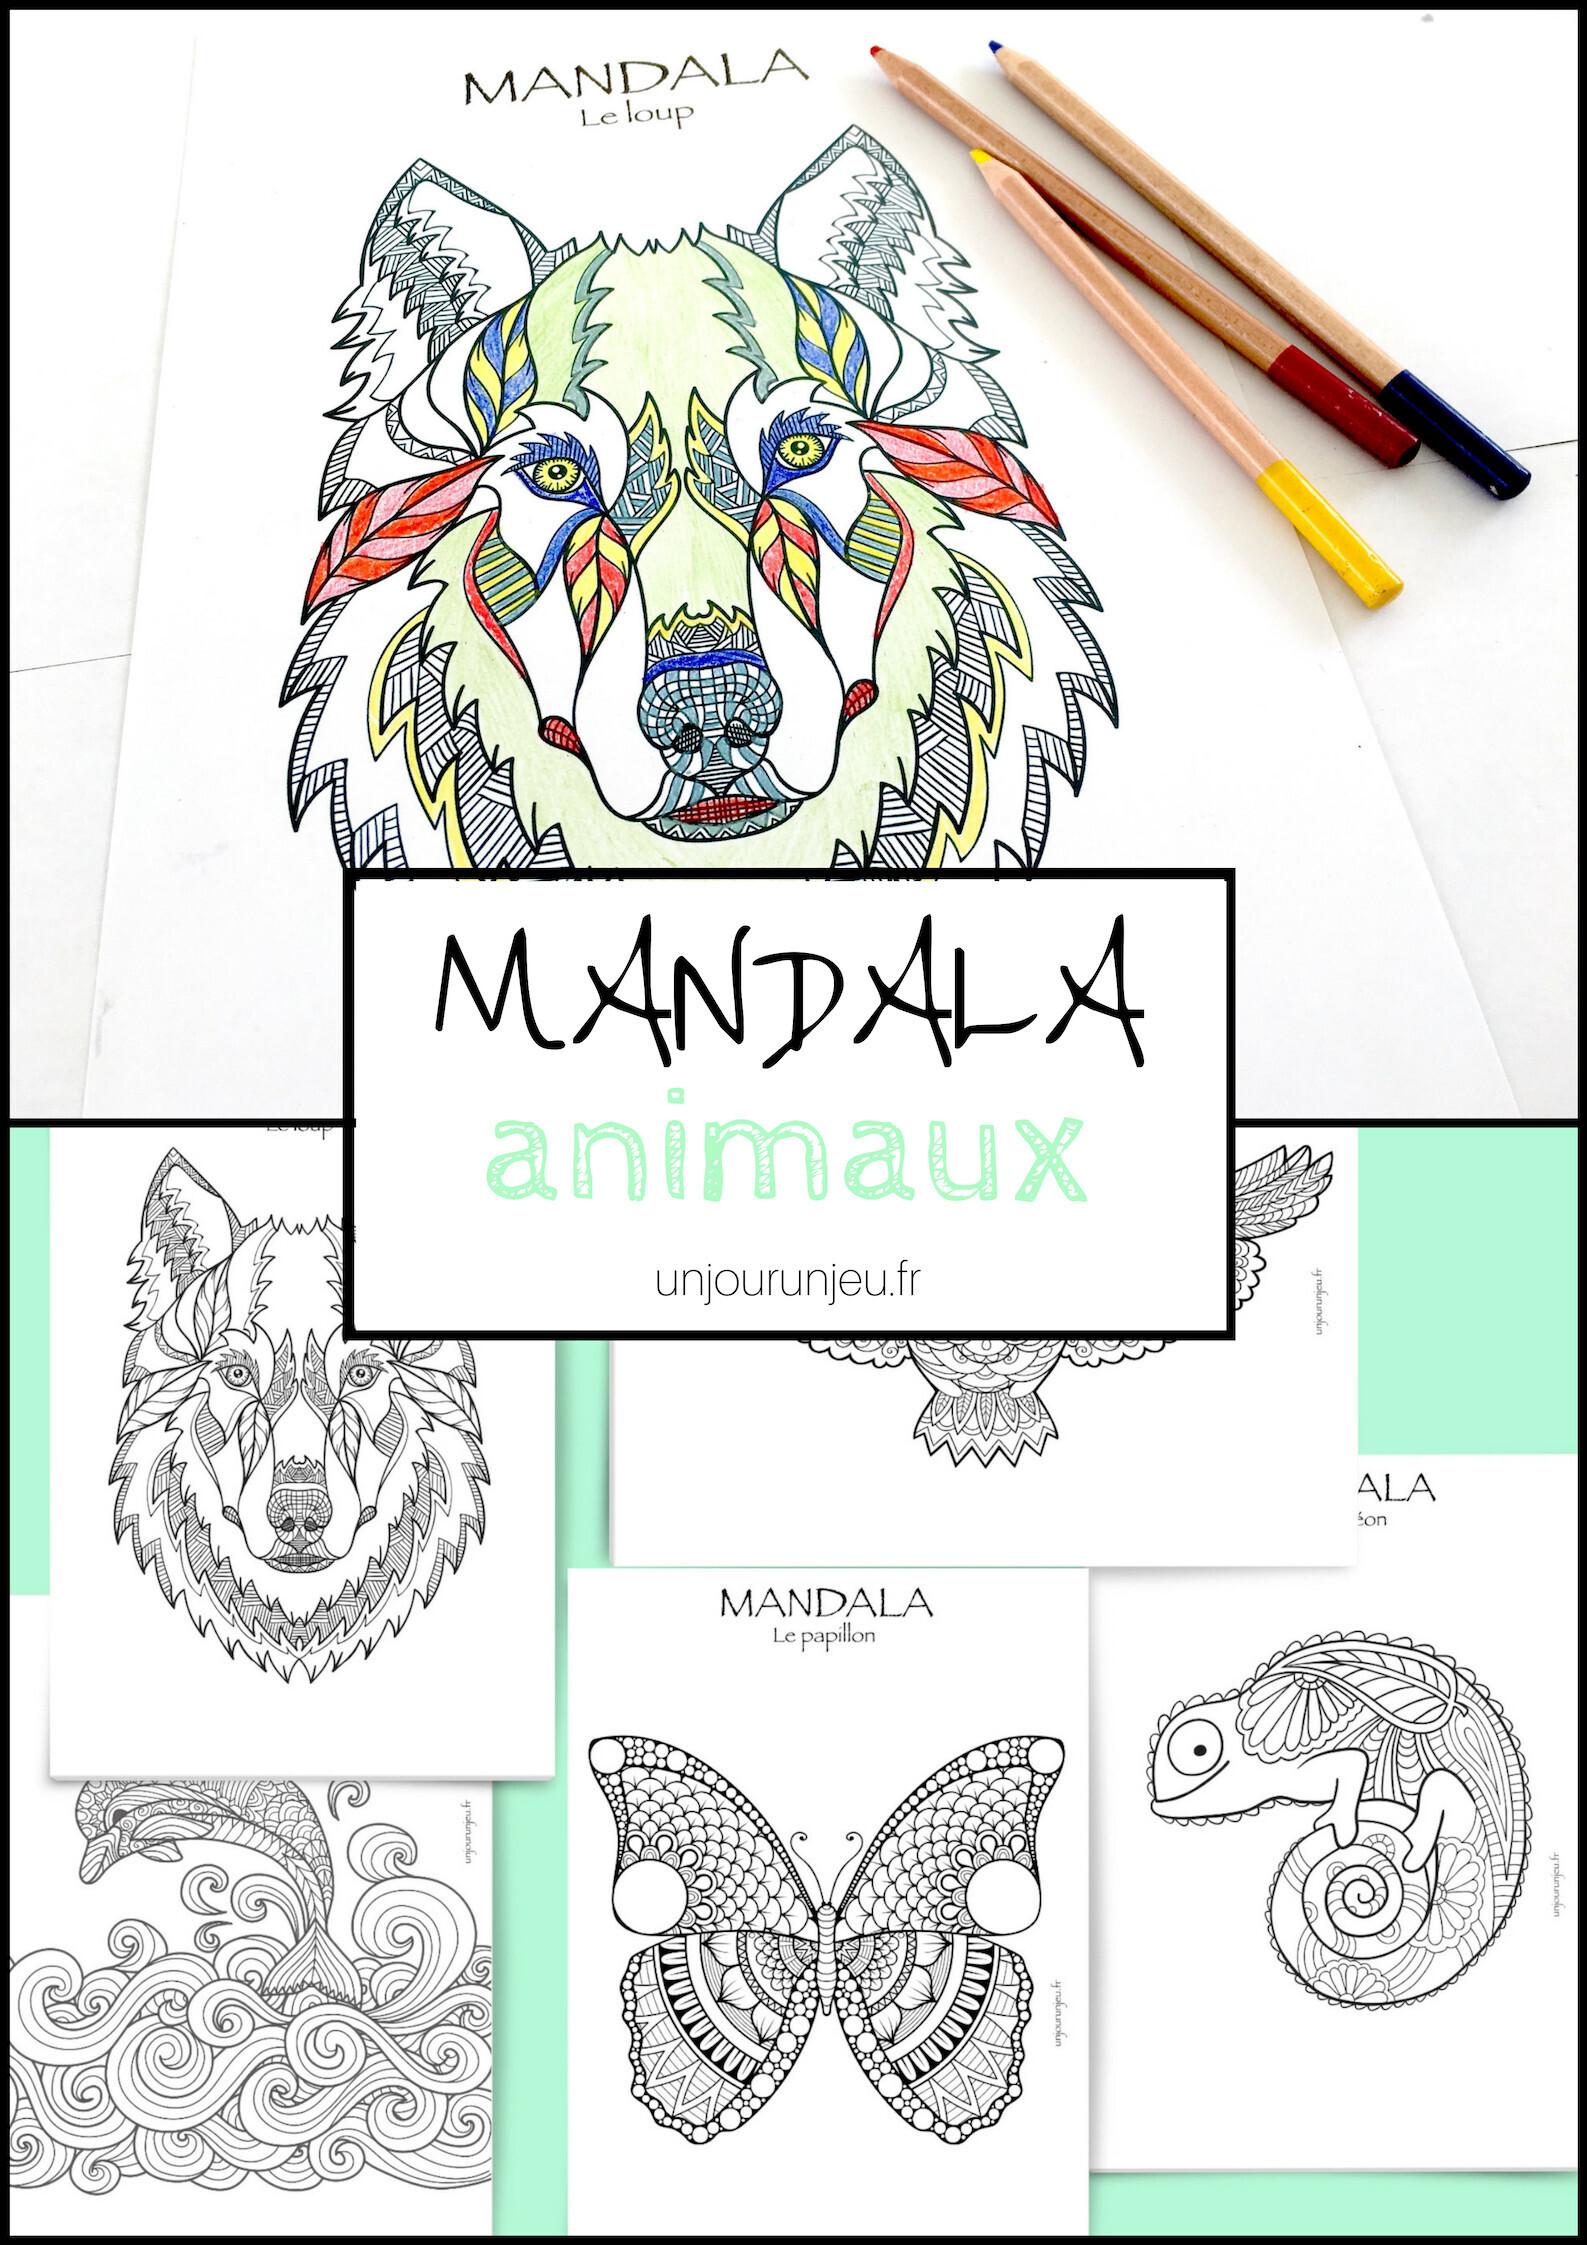 Coloriage Mandala Animaux Sauvages.Coloriages Mandalas Animaux A Telecharger Pour Enfants Et Adultes